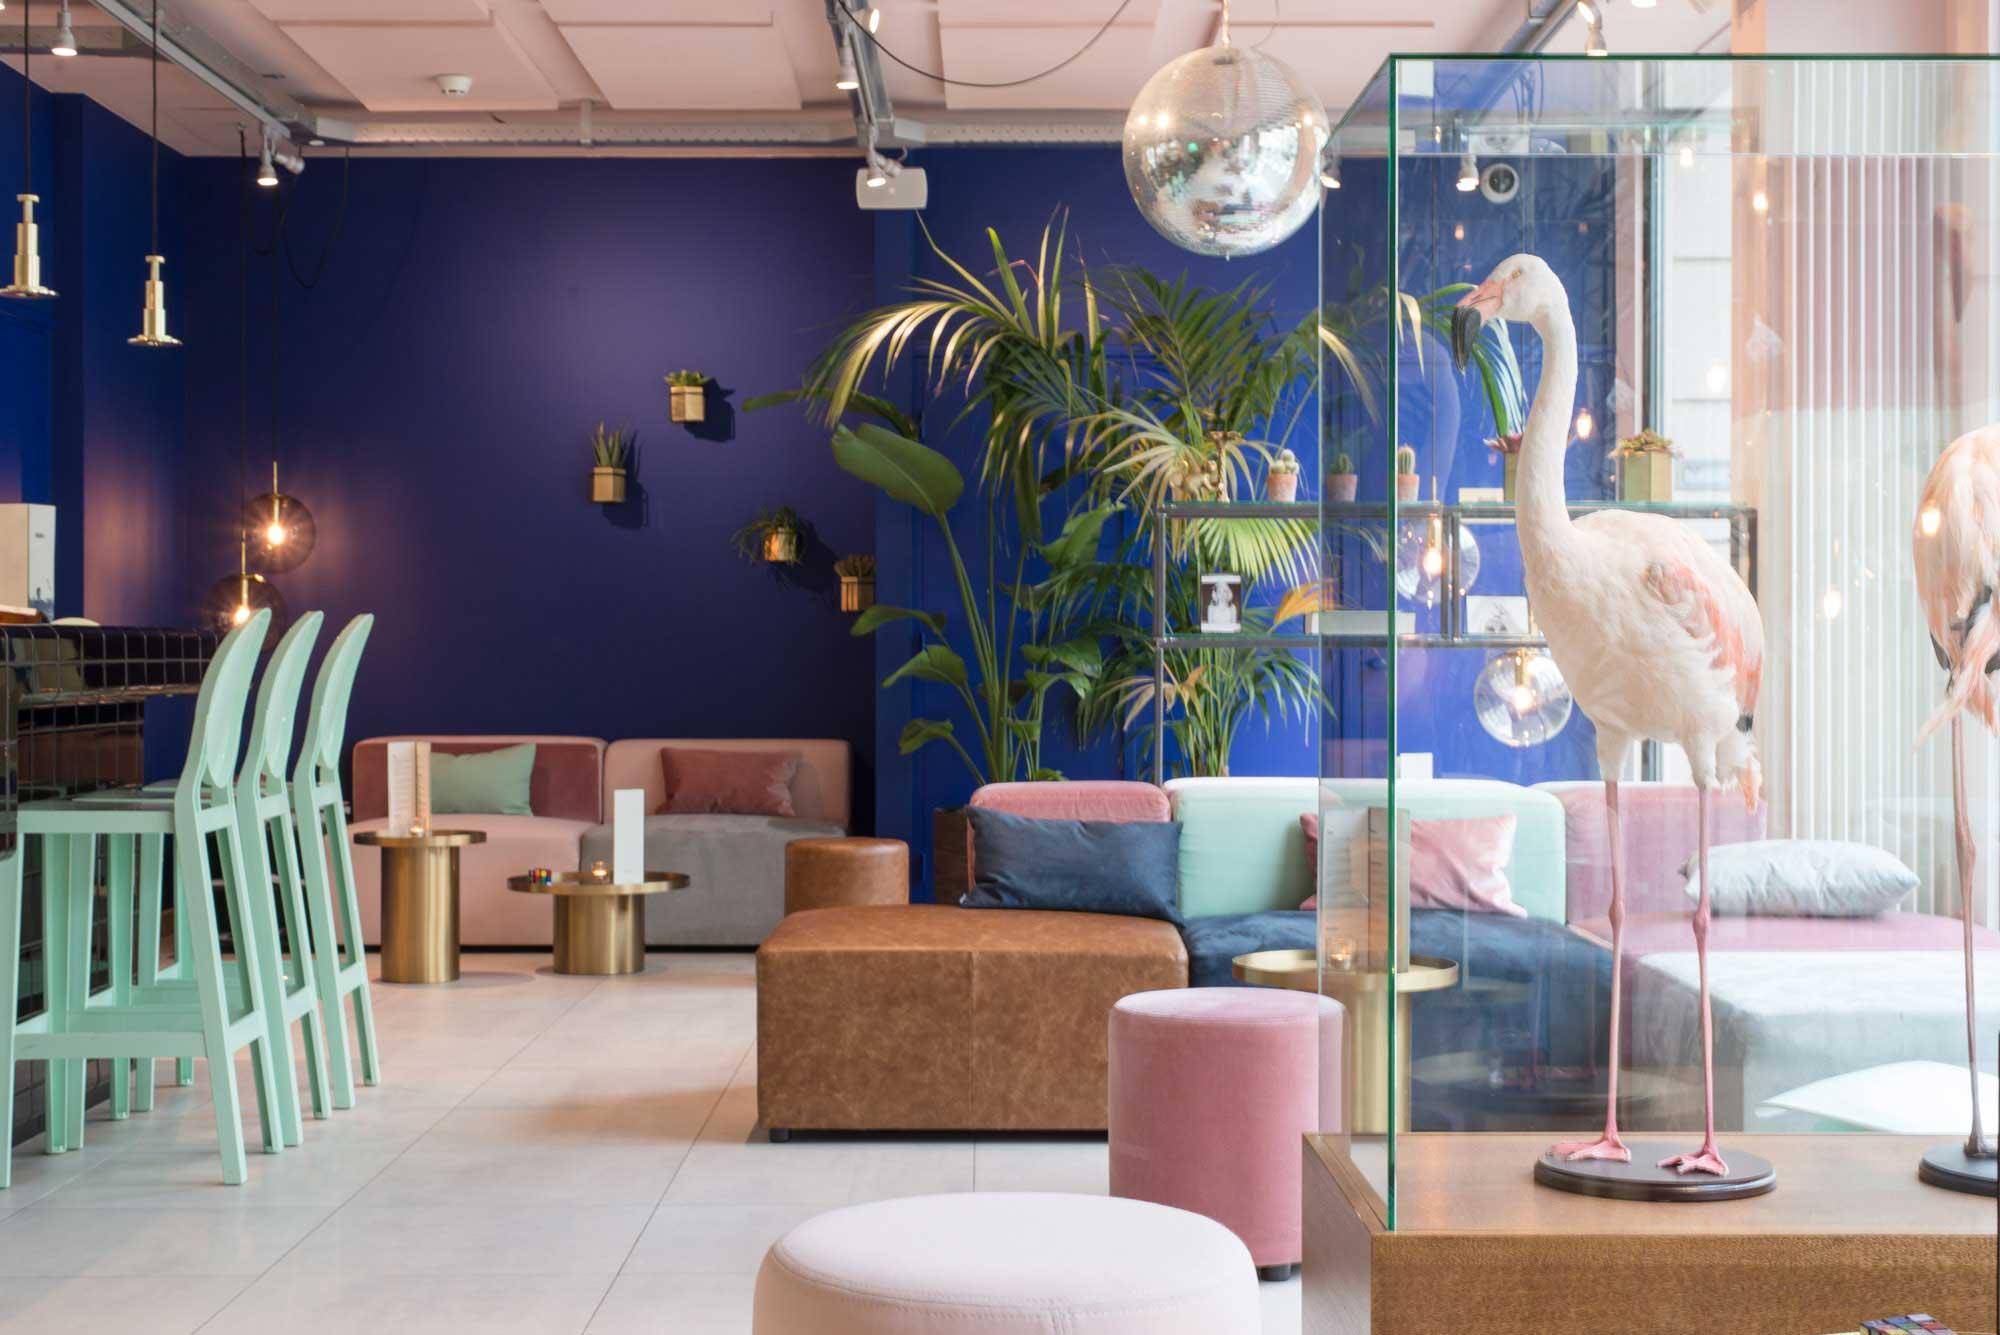 dutch hotel flamingo hotspot